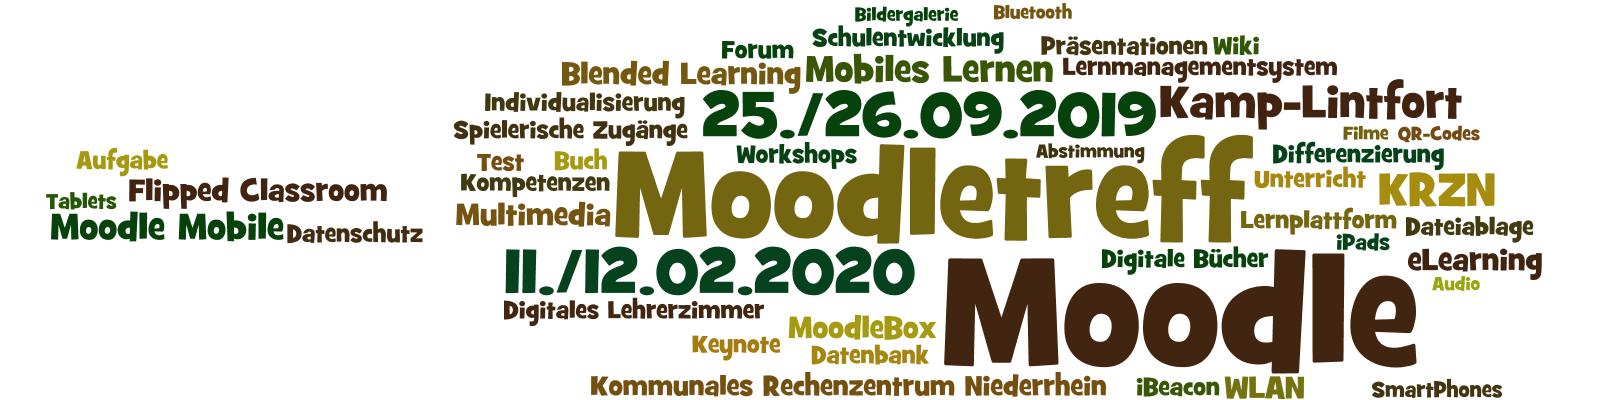 Moodletreff 2019/20